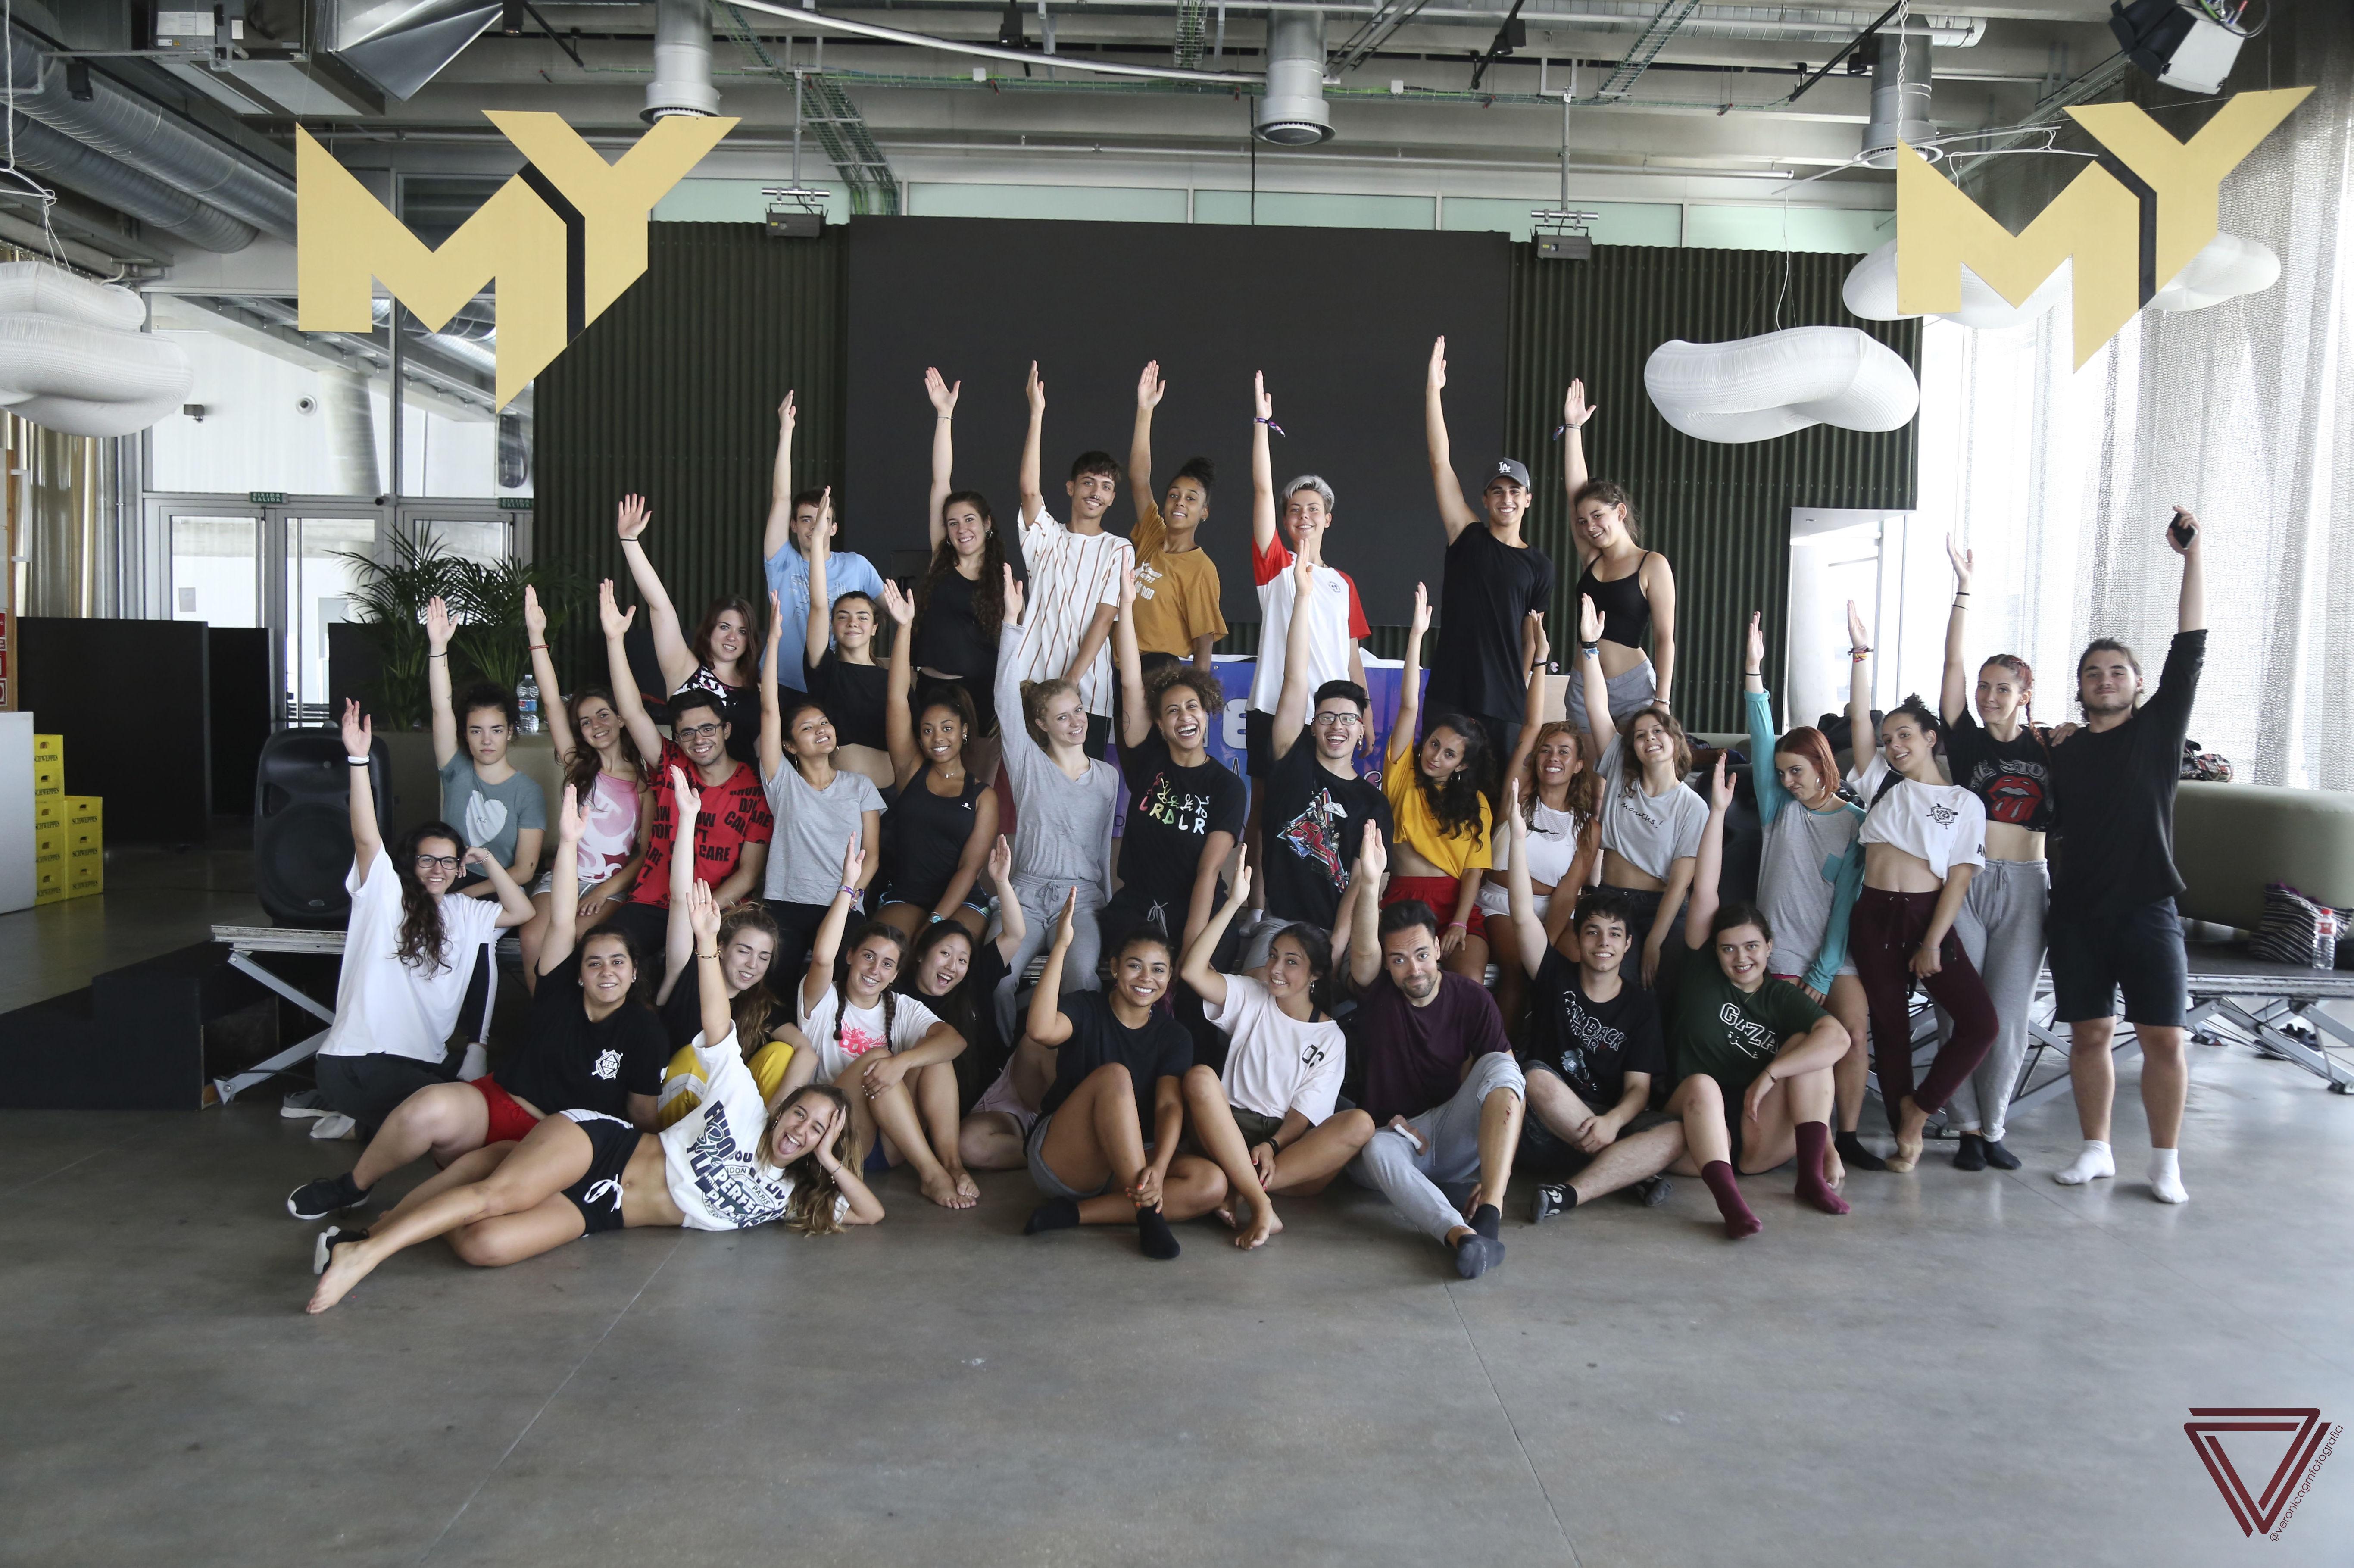 Foto 46 de Academias de bailes de salón en Valencia | Dance Center Valencia